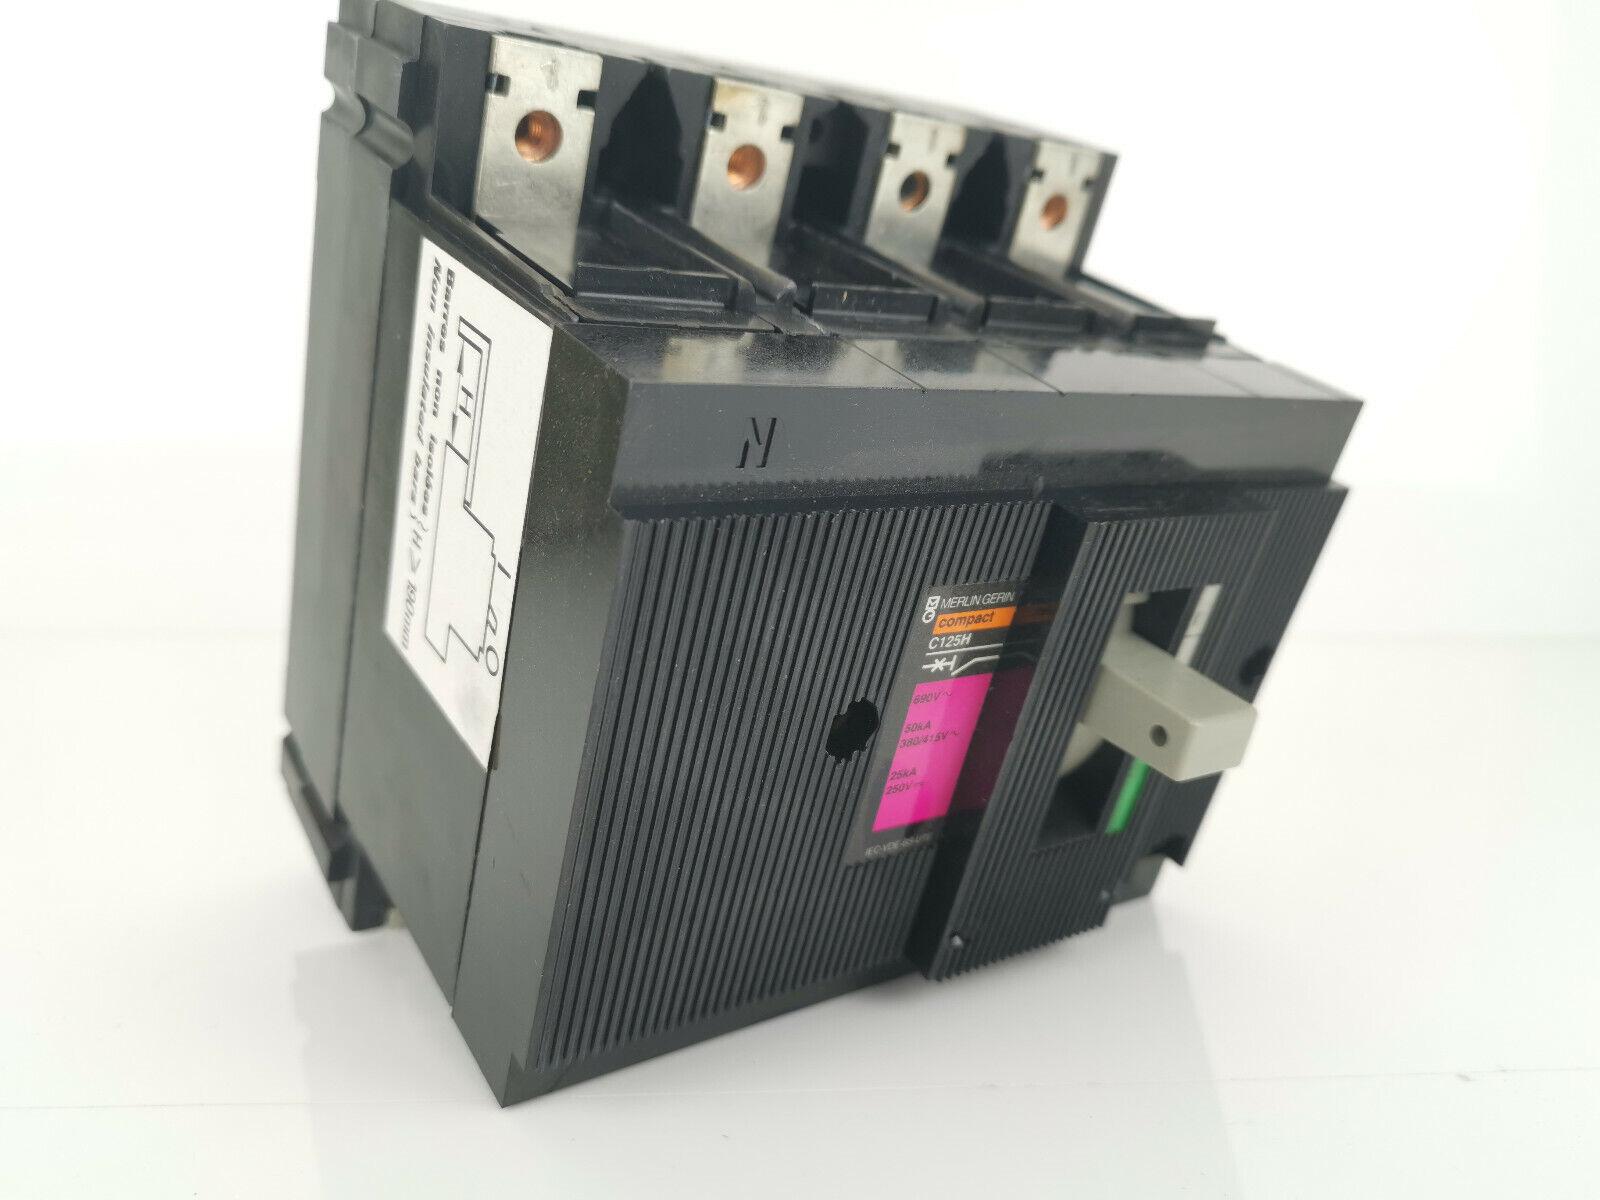 Image 1 - Merlin Gerin Schneider C125H 63A Power Switch 41379